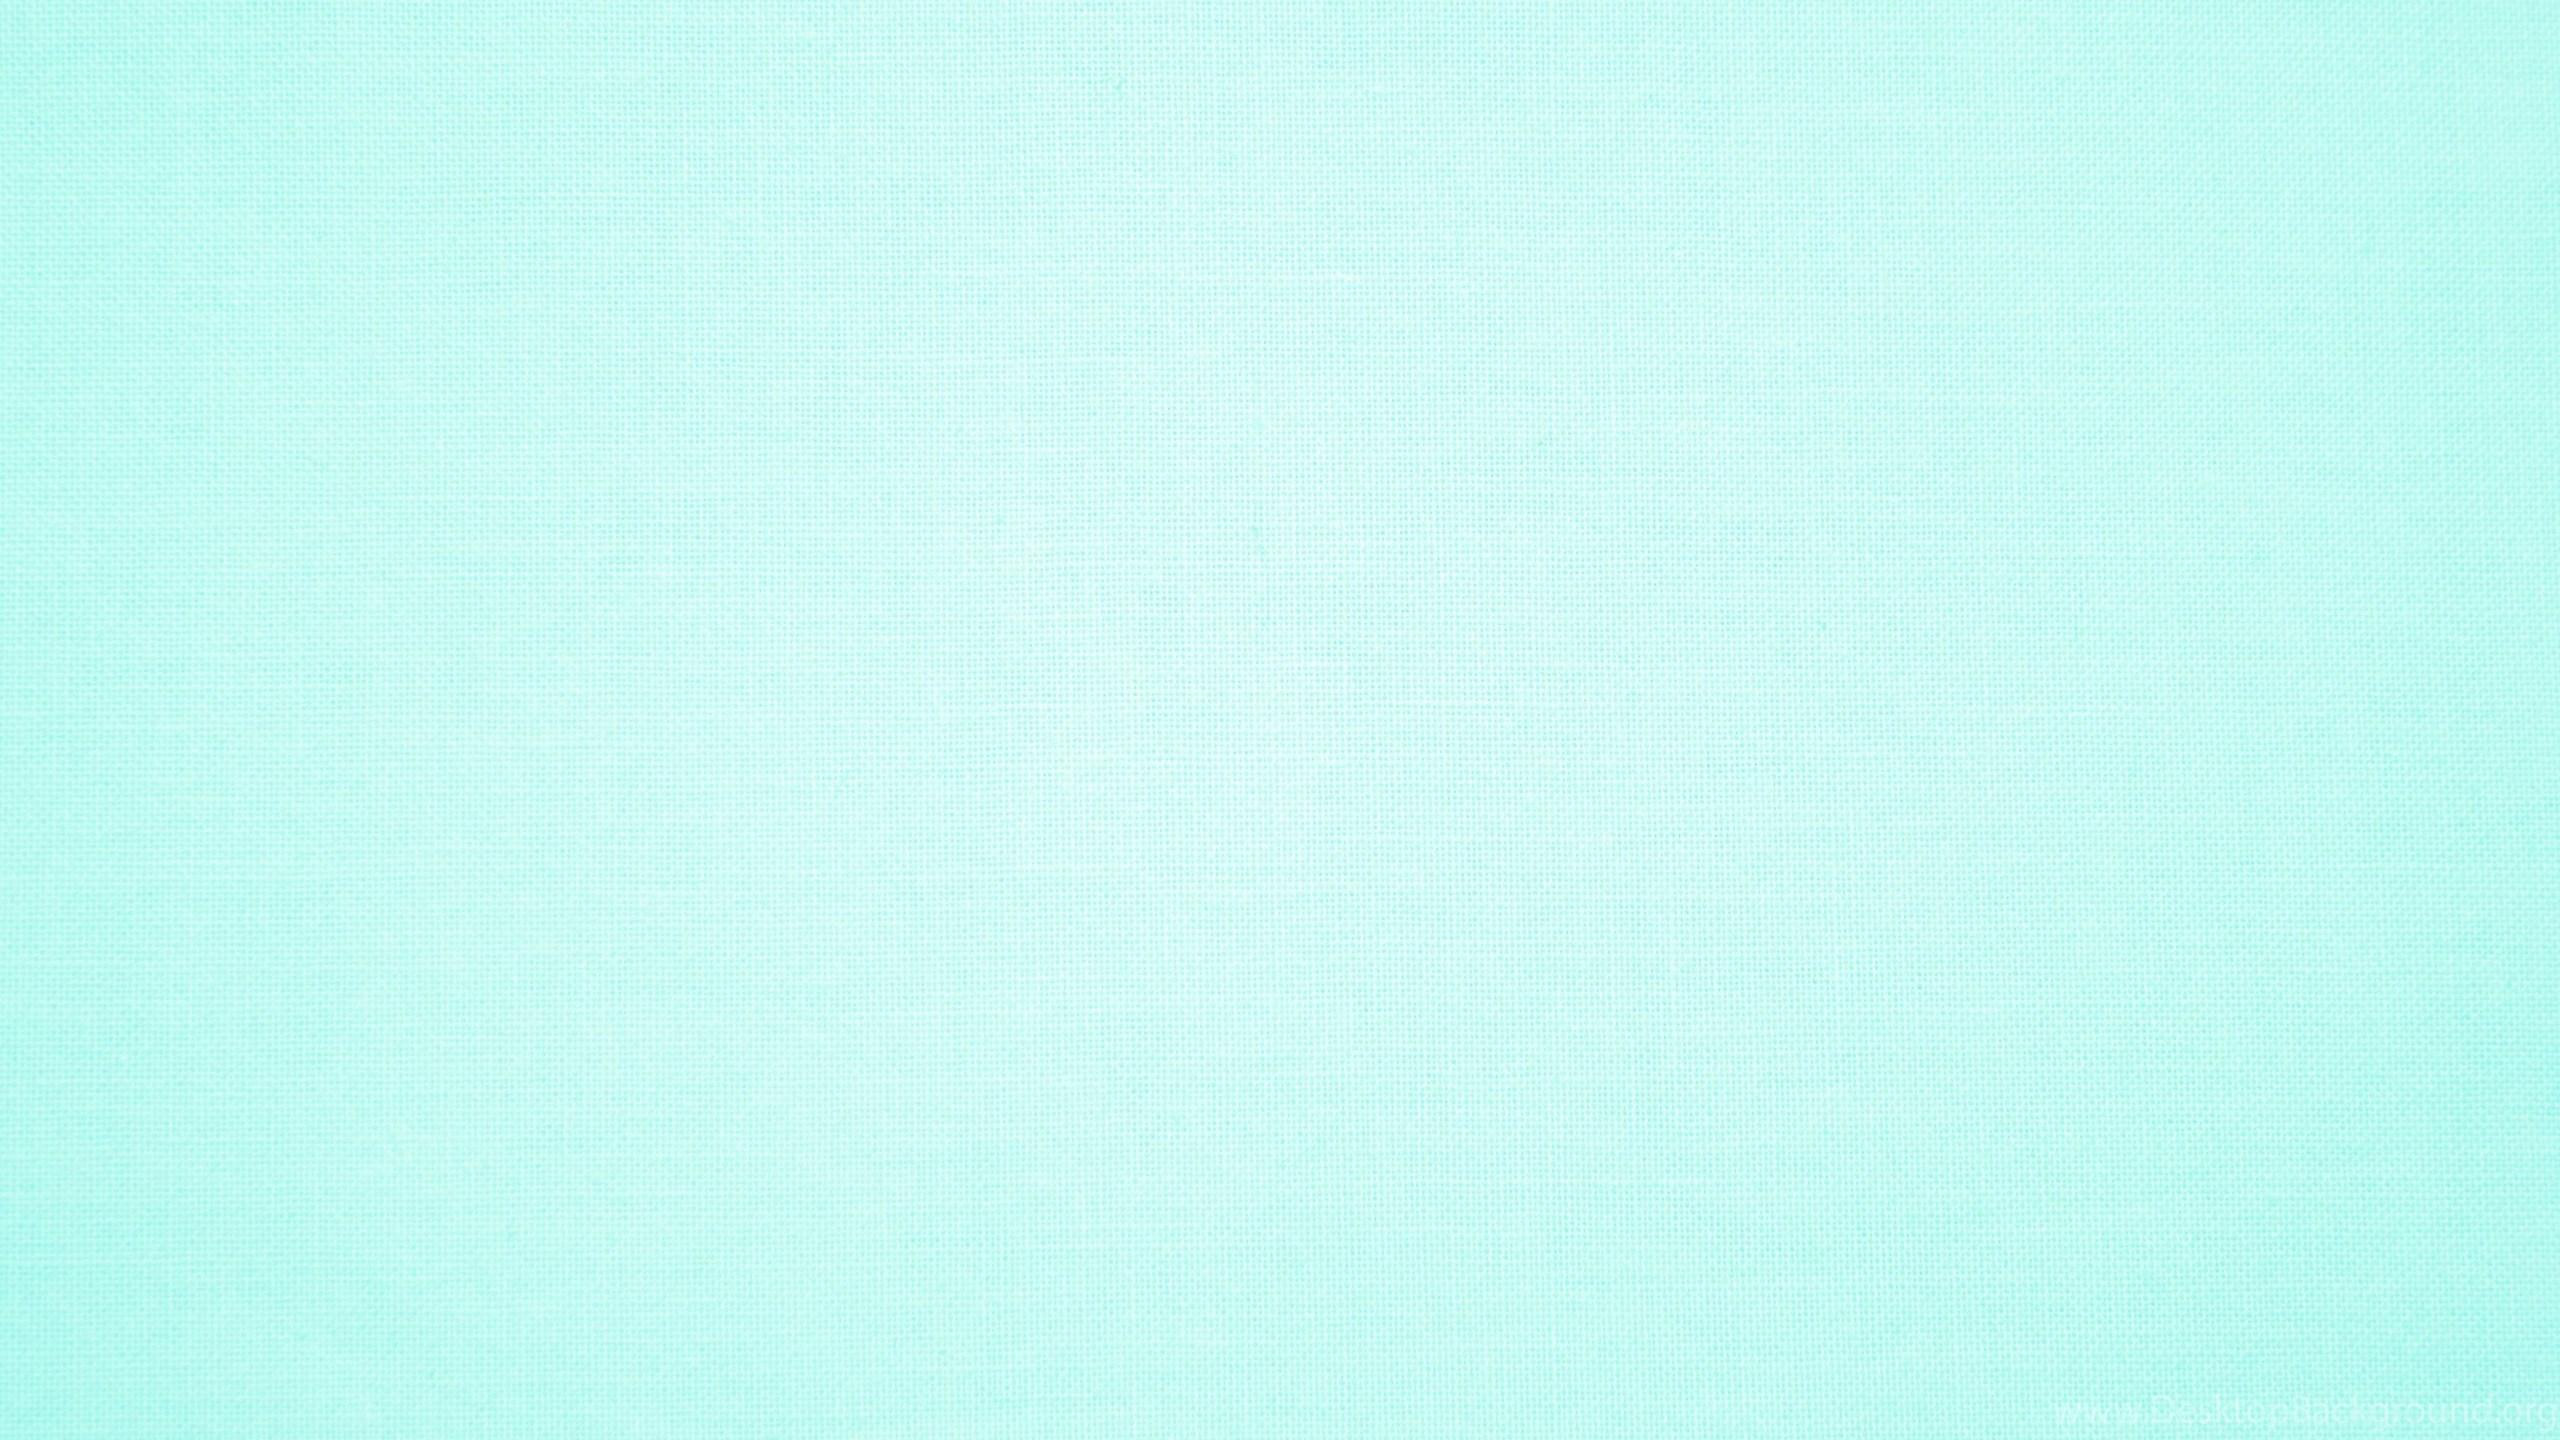 Fond Pastel Uni De Couleur Pastel Fond D Ecran Couleur Pastel Hd 1920x1200 Wallpapertip